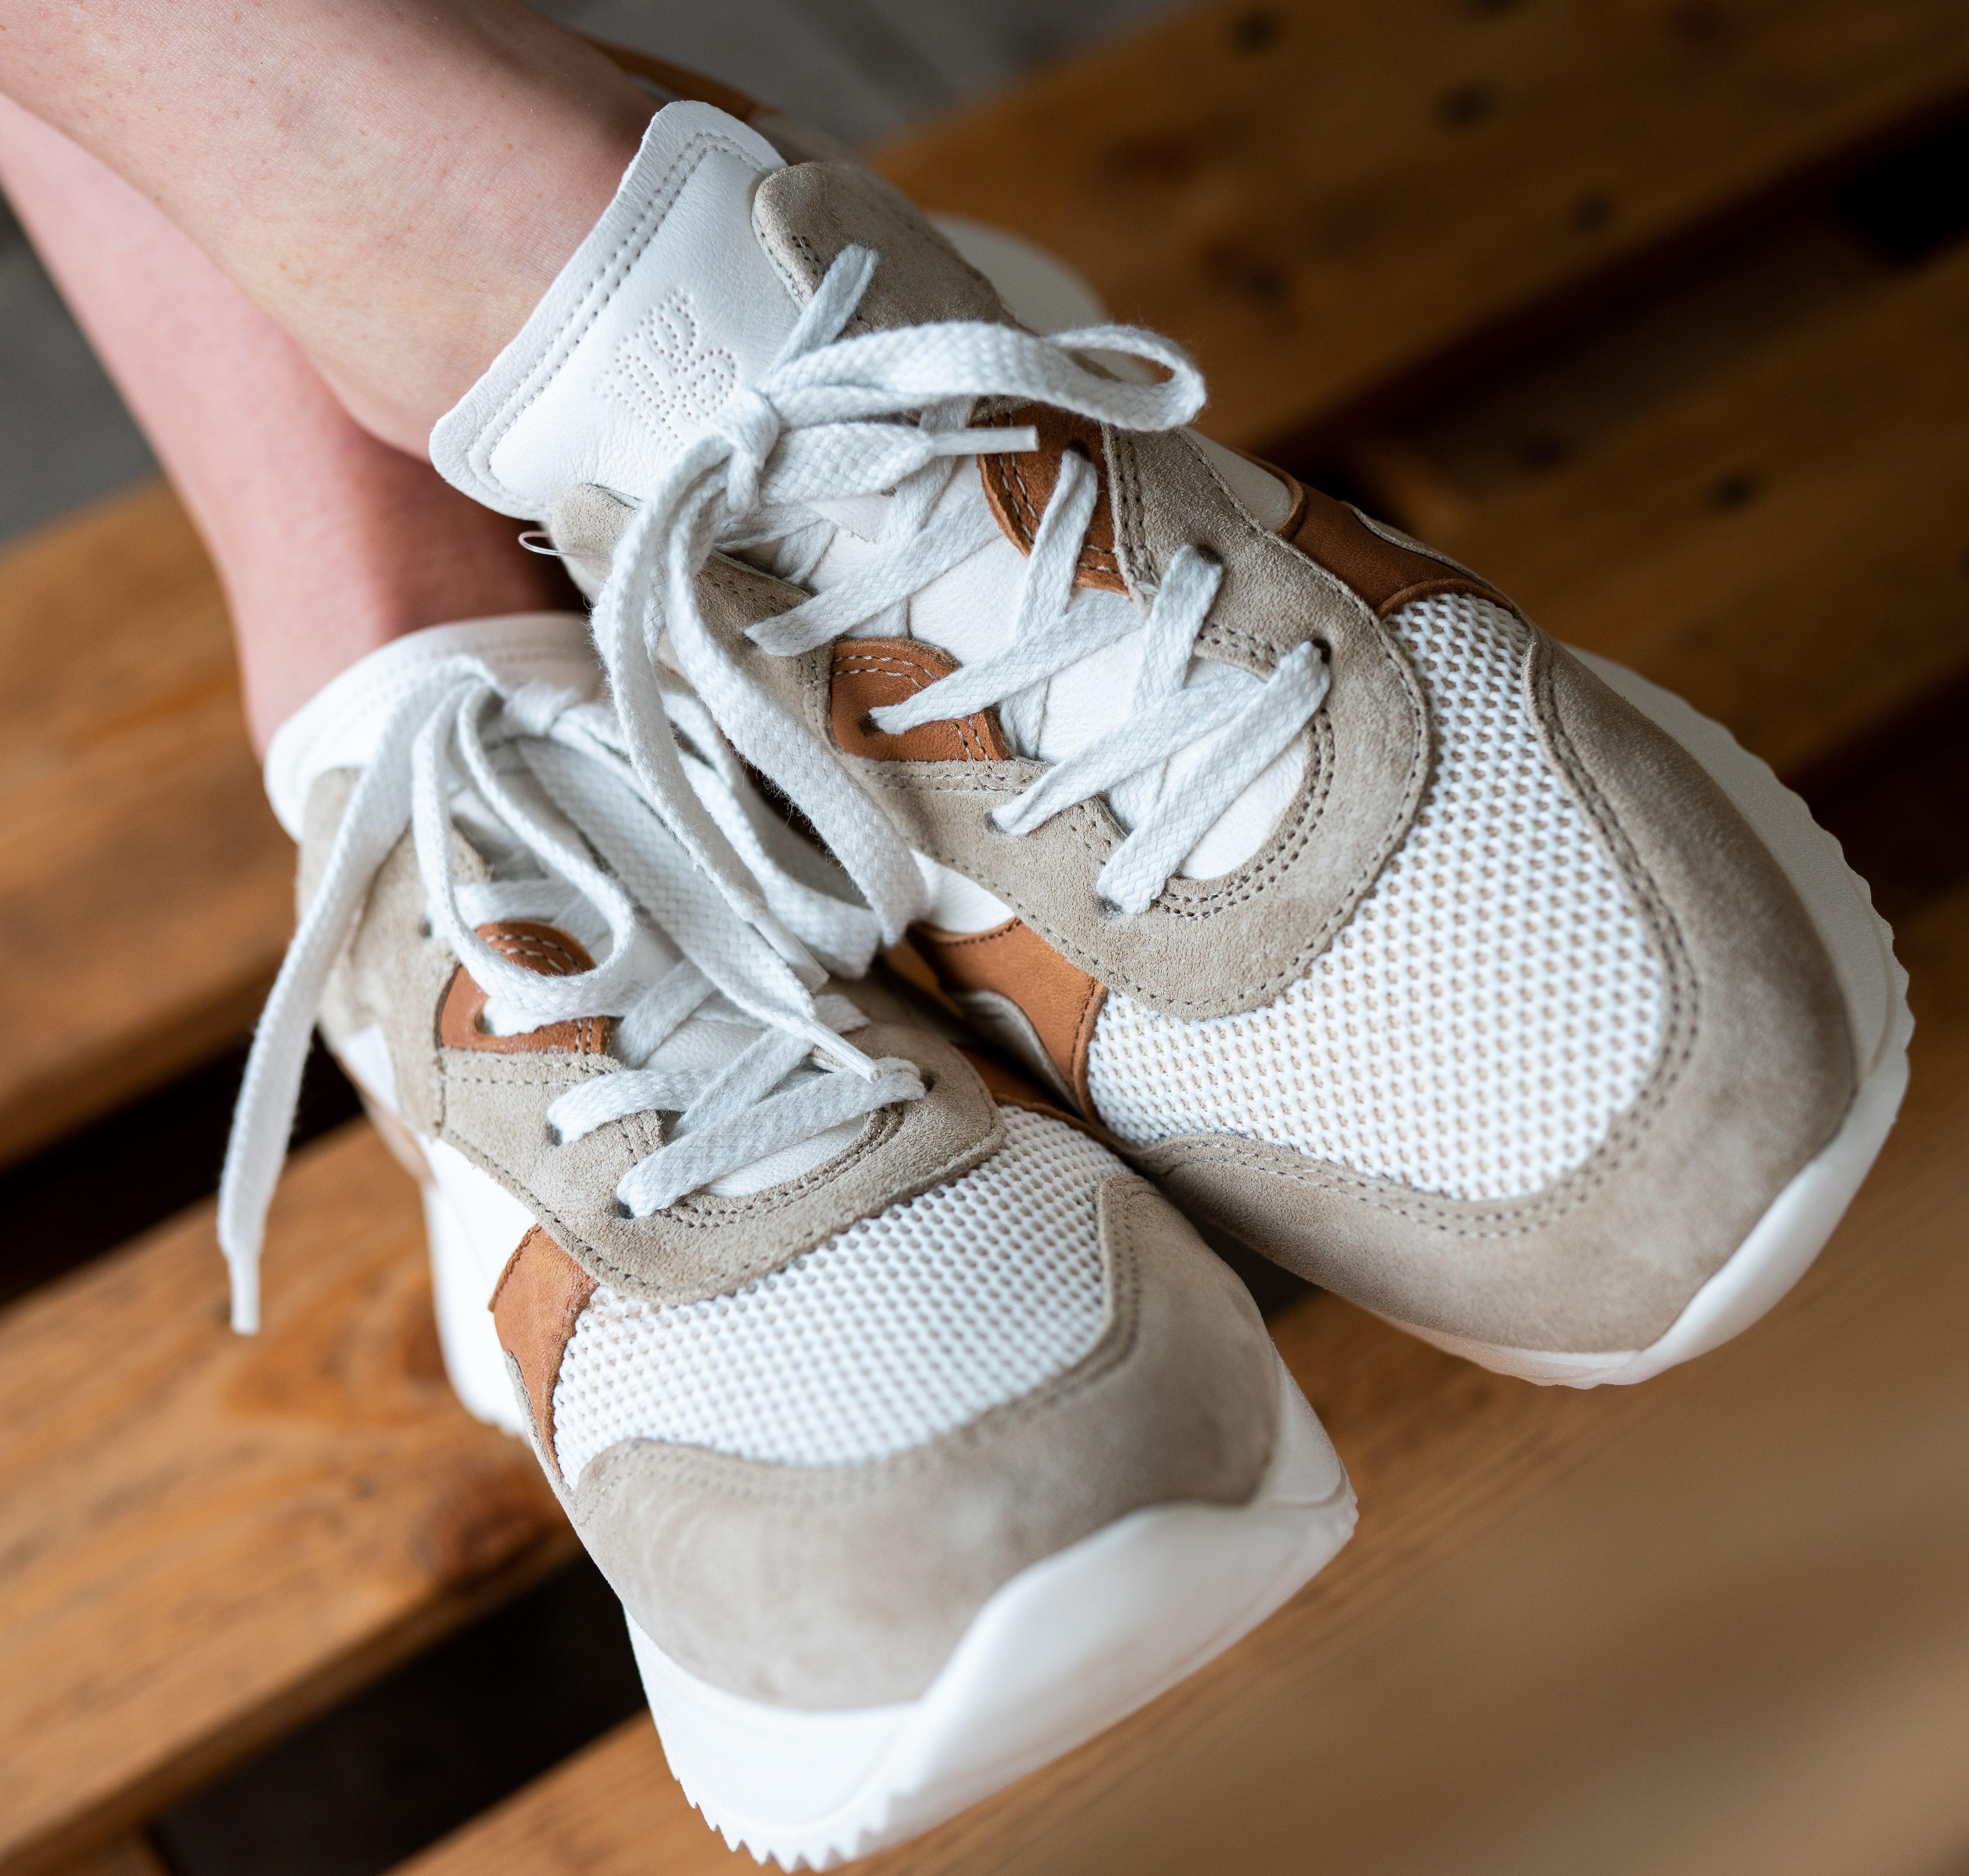 Leder Sneaker von Paul Green in beige, ocker & weiß in 2020